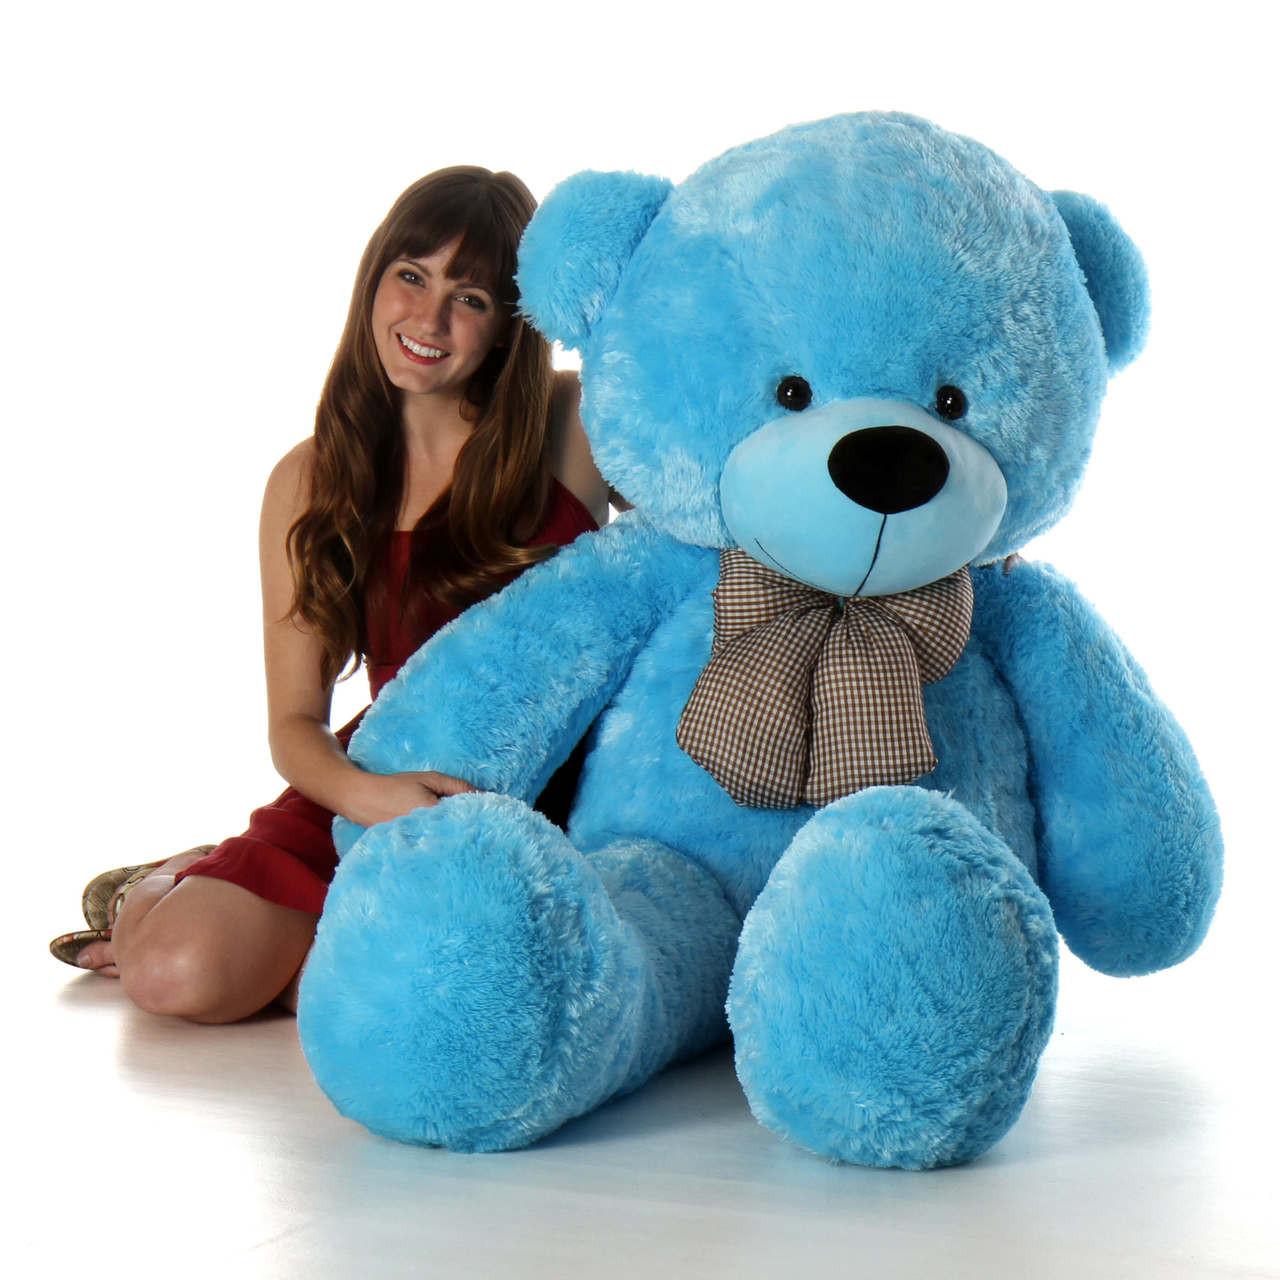 Happy Cuddles 60in Big Blue Plush Teddy Bear Giant Teddy